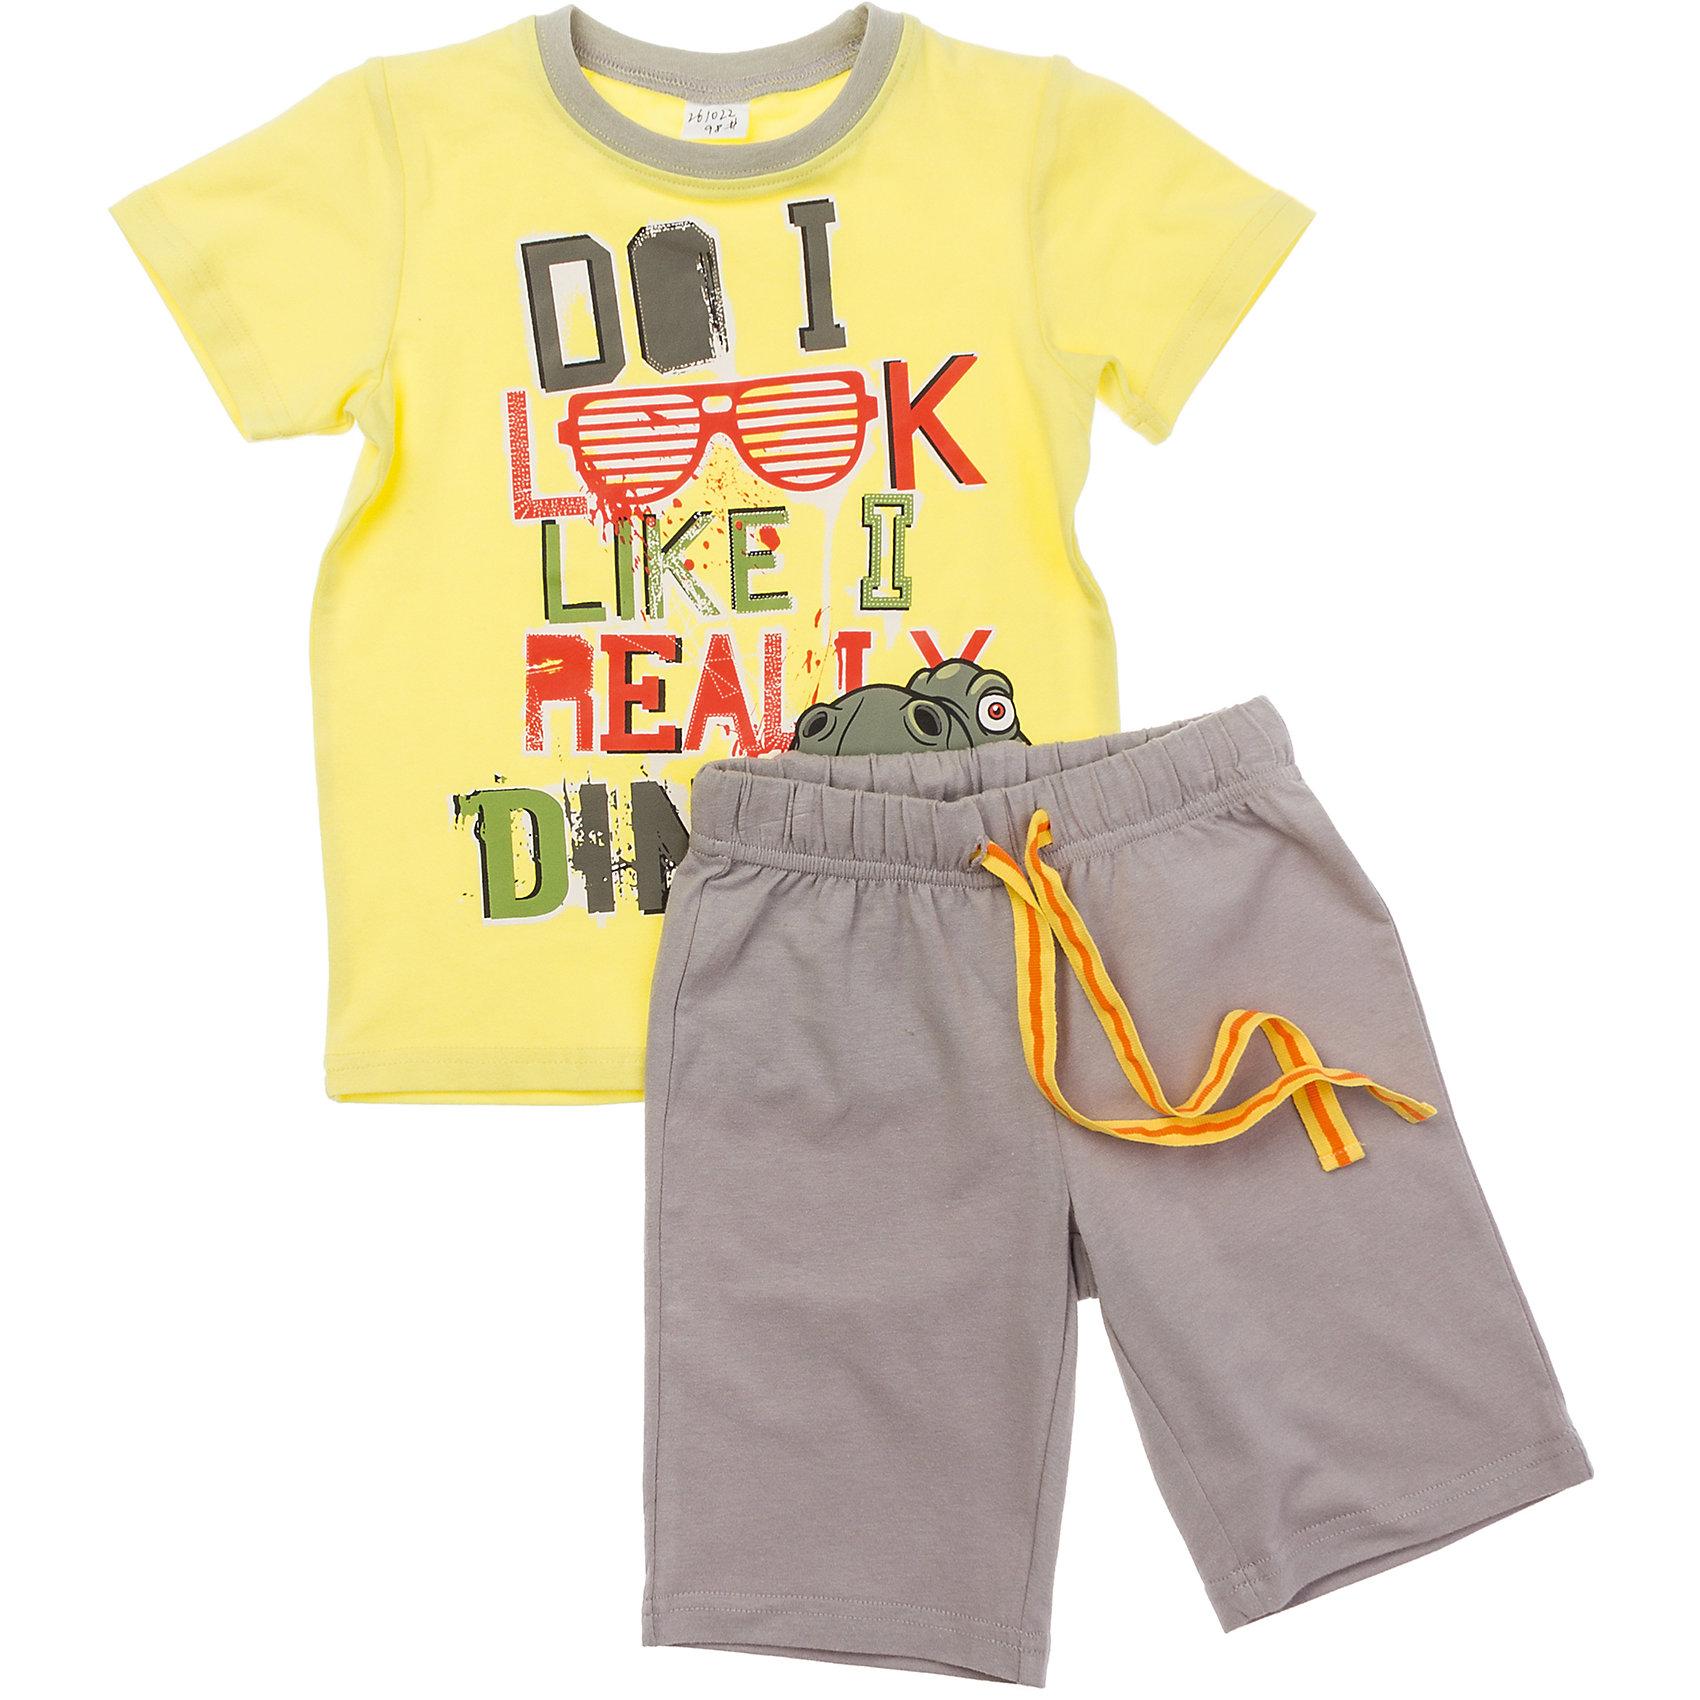 Комплект: футболка и шорты для мальчика PlayTodayКомплект из яркой желтой футболки и шорт цвета хаки. Футболка украшена ярким резиновым принтом, на воротнике мягкая бейка. Пояс шорт на резинке, дополнительно регулируется шнурком. Состав: 95% хлопок, 5% эластан<br><br>Ширина мм: 199<br>Глубина мм: 10<br>Высота мм: 161<br>Вес г: 151<br>Цвет: желтый<br>Возраст от месяцев: 72<br>Возраст до месяцев: 84<br>Пол: Мужской<br>Возраст: Детский<br>Размер: 104,98,128,116,110,122<br>SKU: 4652561